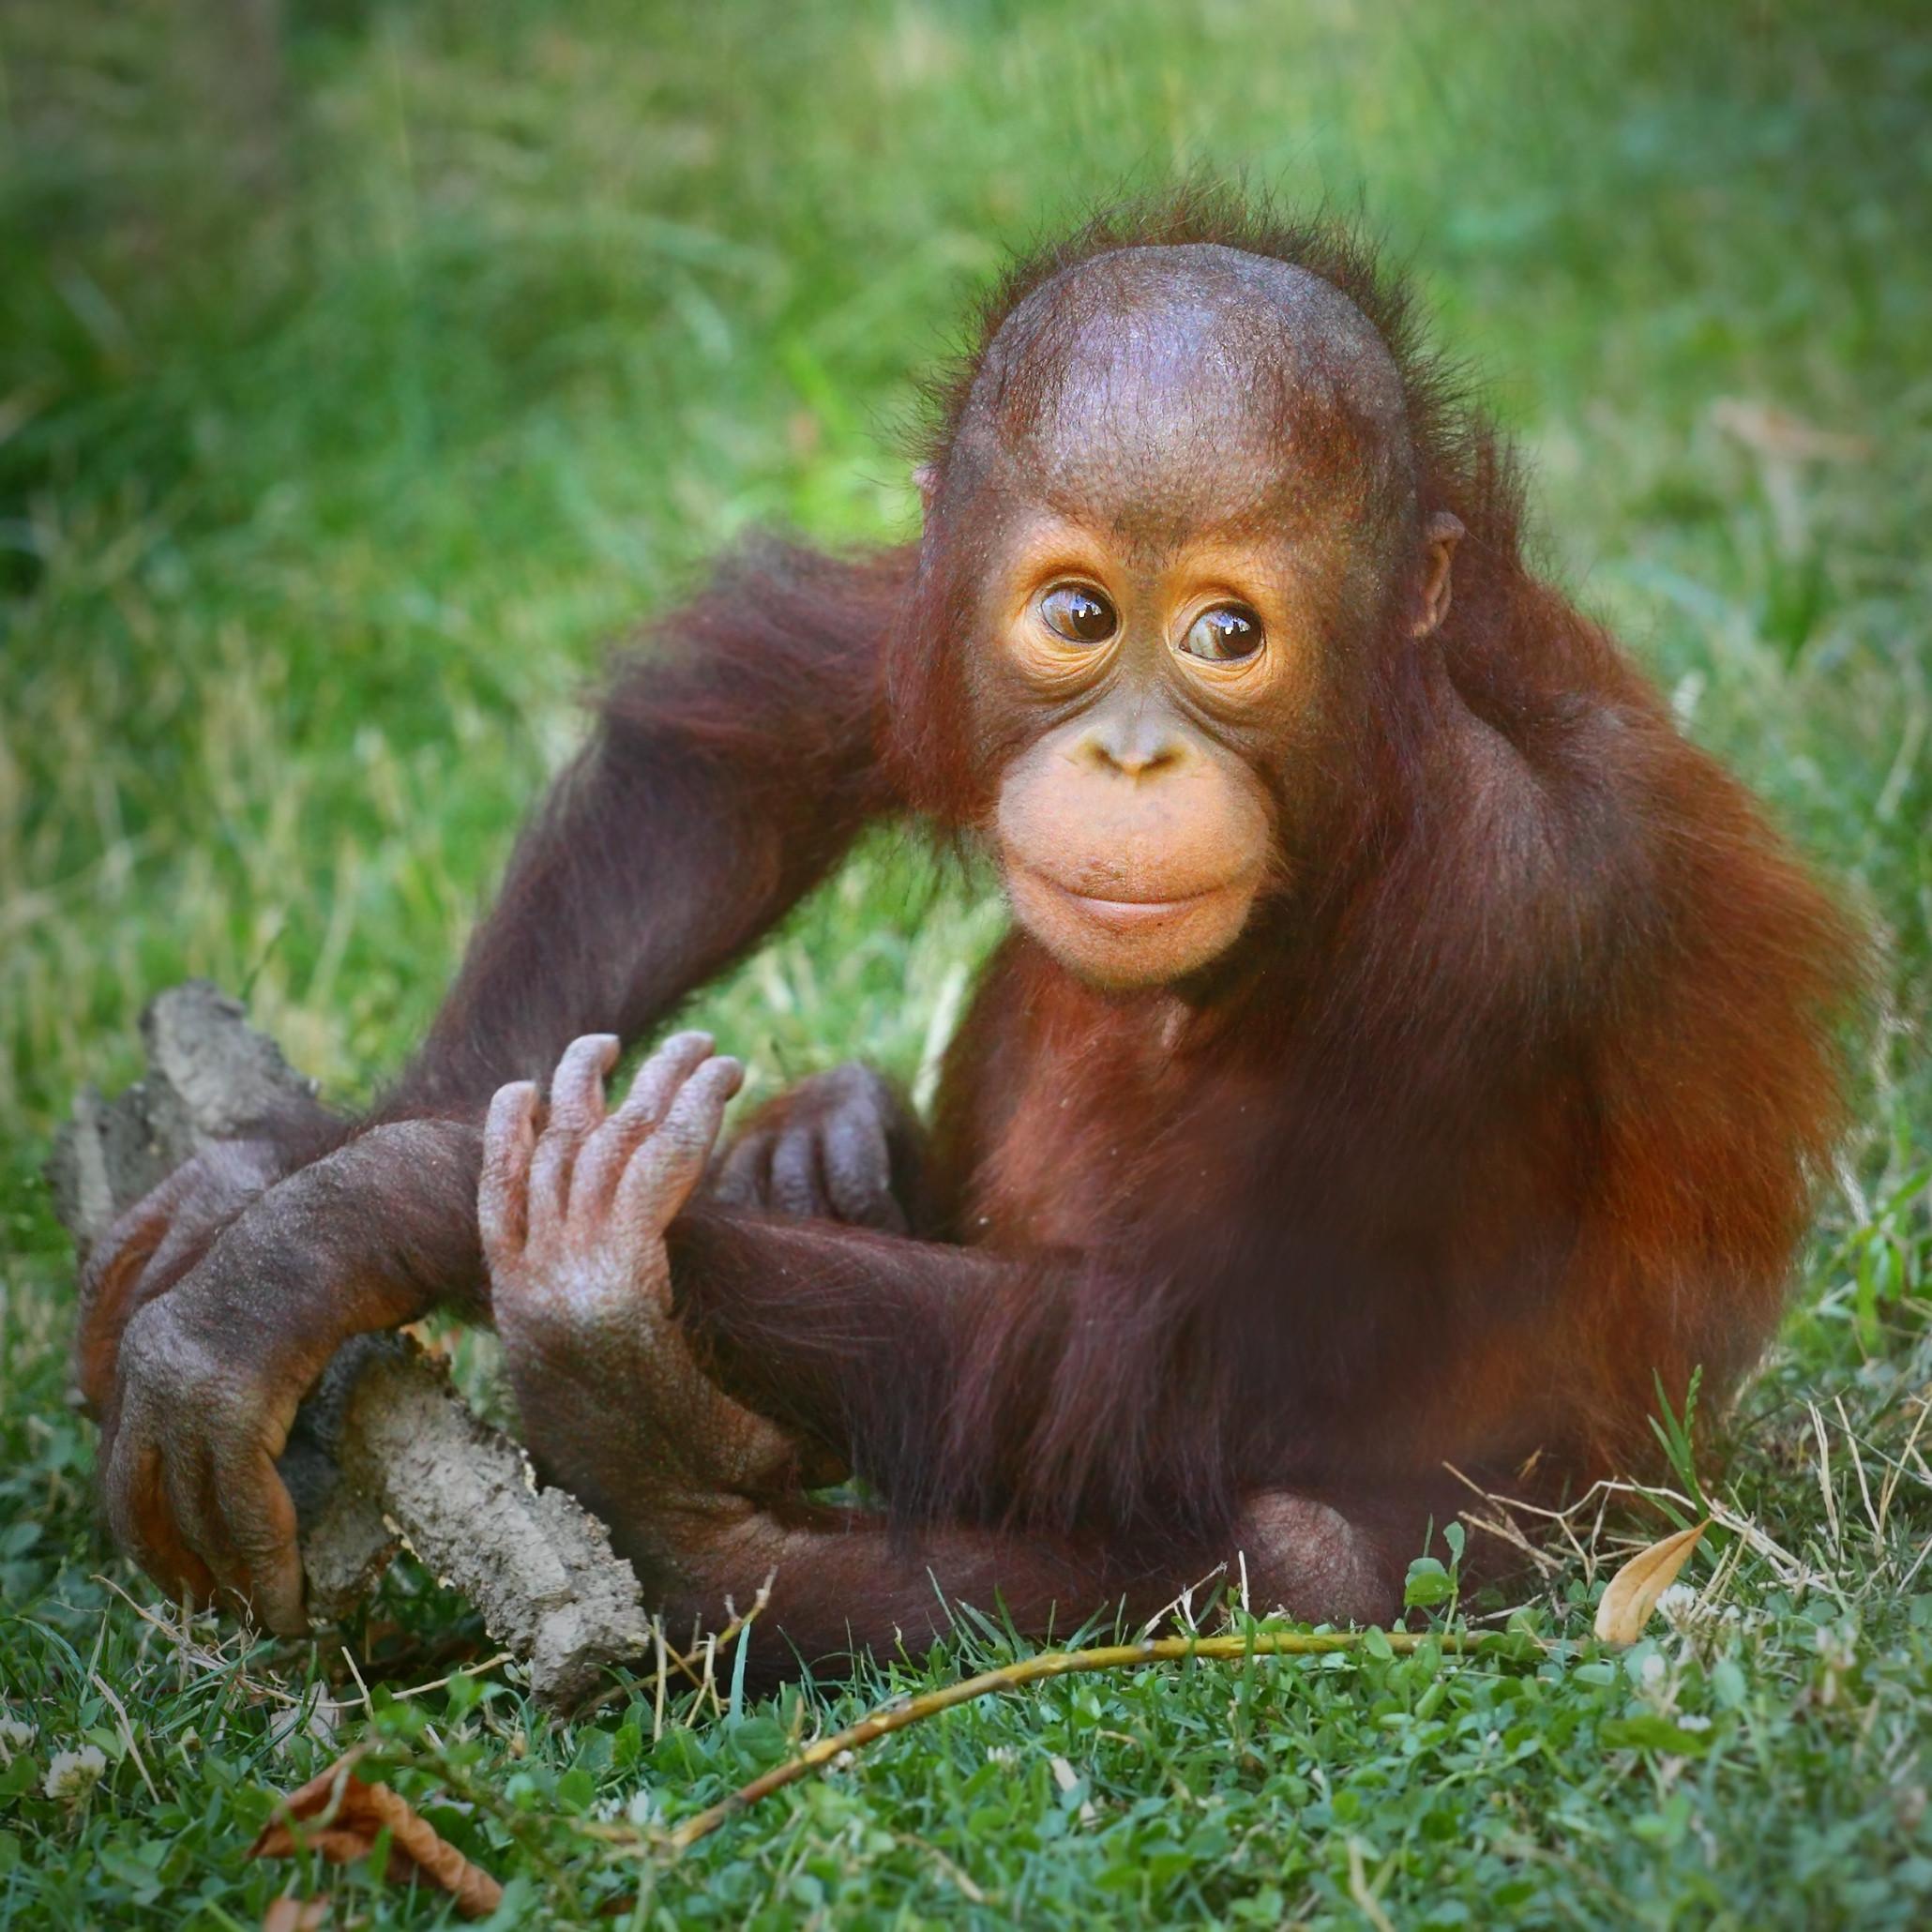 Turista russo detido em aeroporto de Bali com orangotango na mala